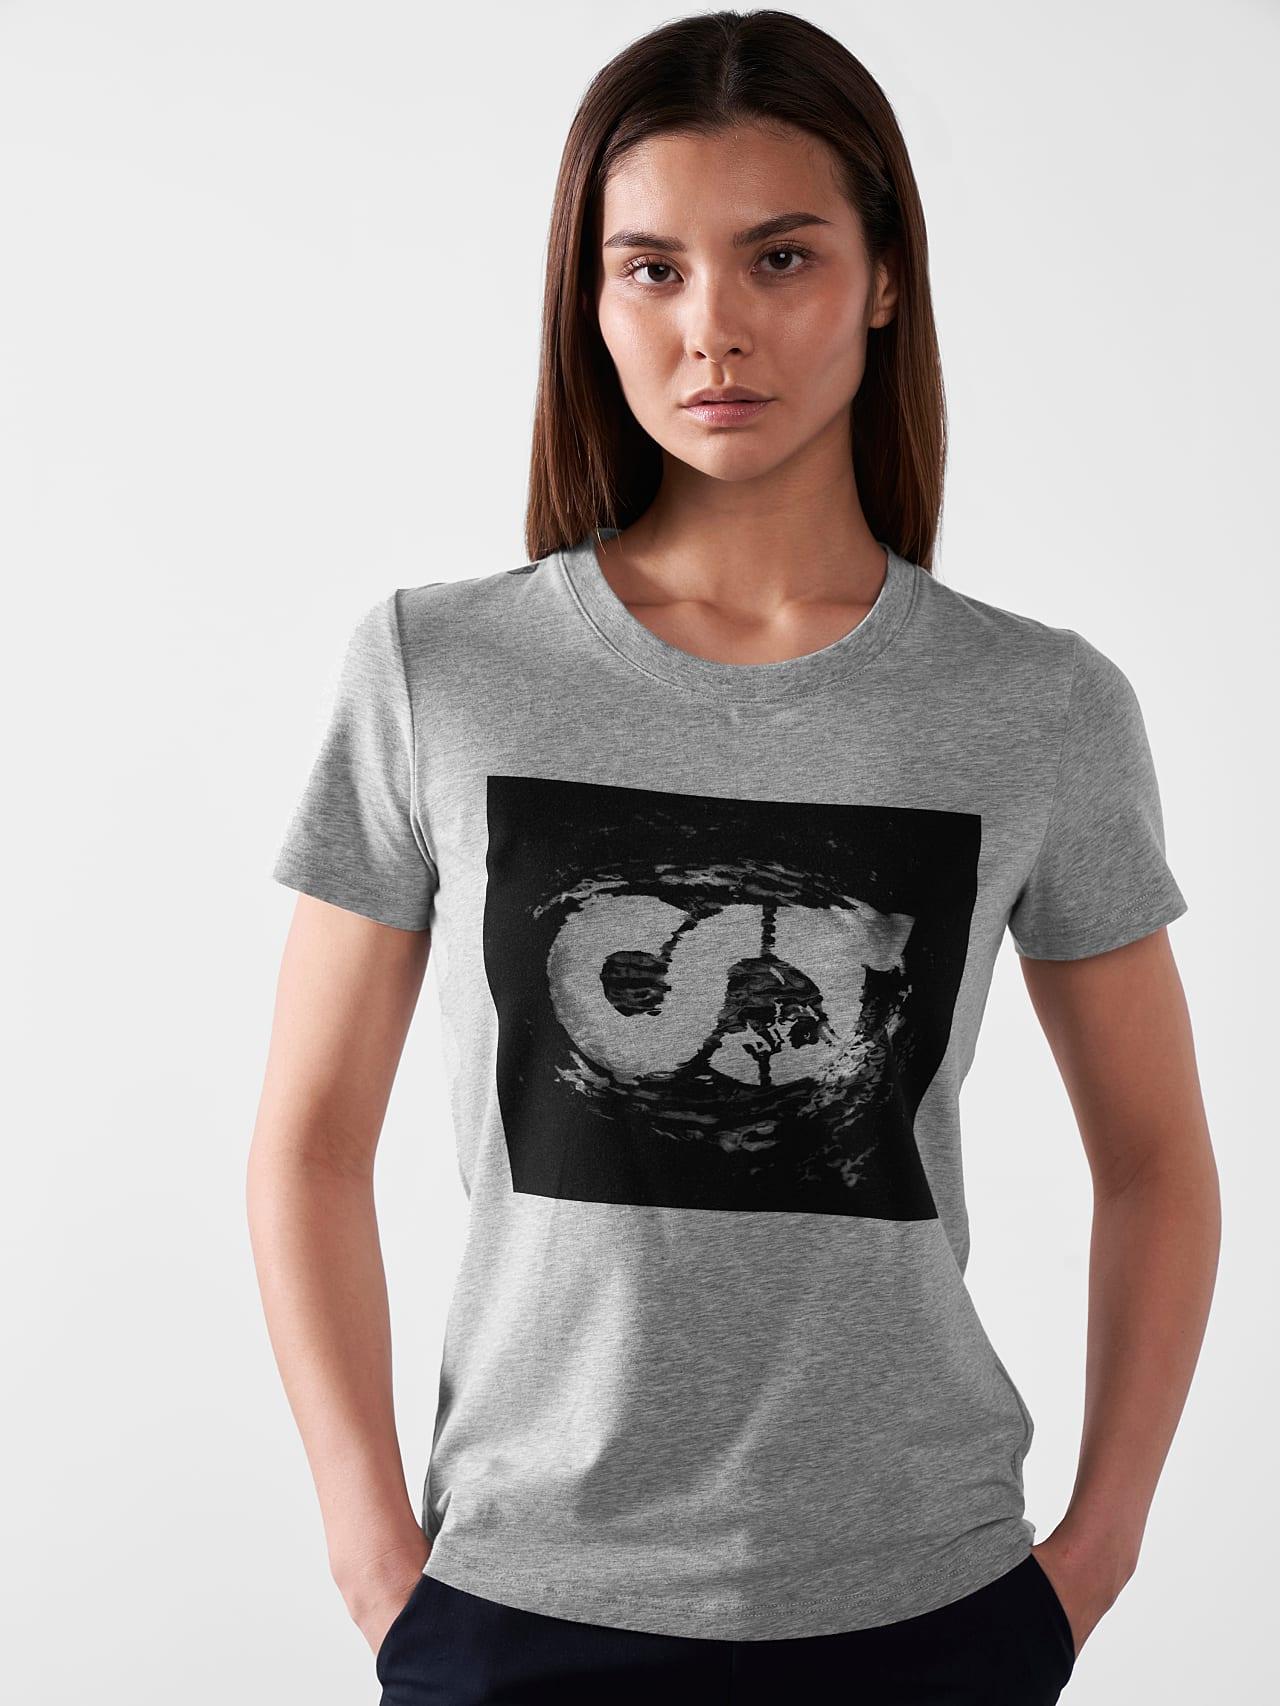 JALP V4.Y5.01 Cotton Logo T-Shirt grey / melange Model shot Alpha Tauri